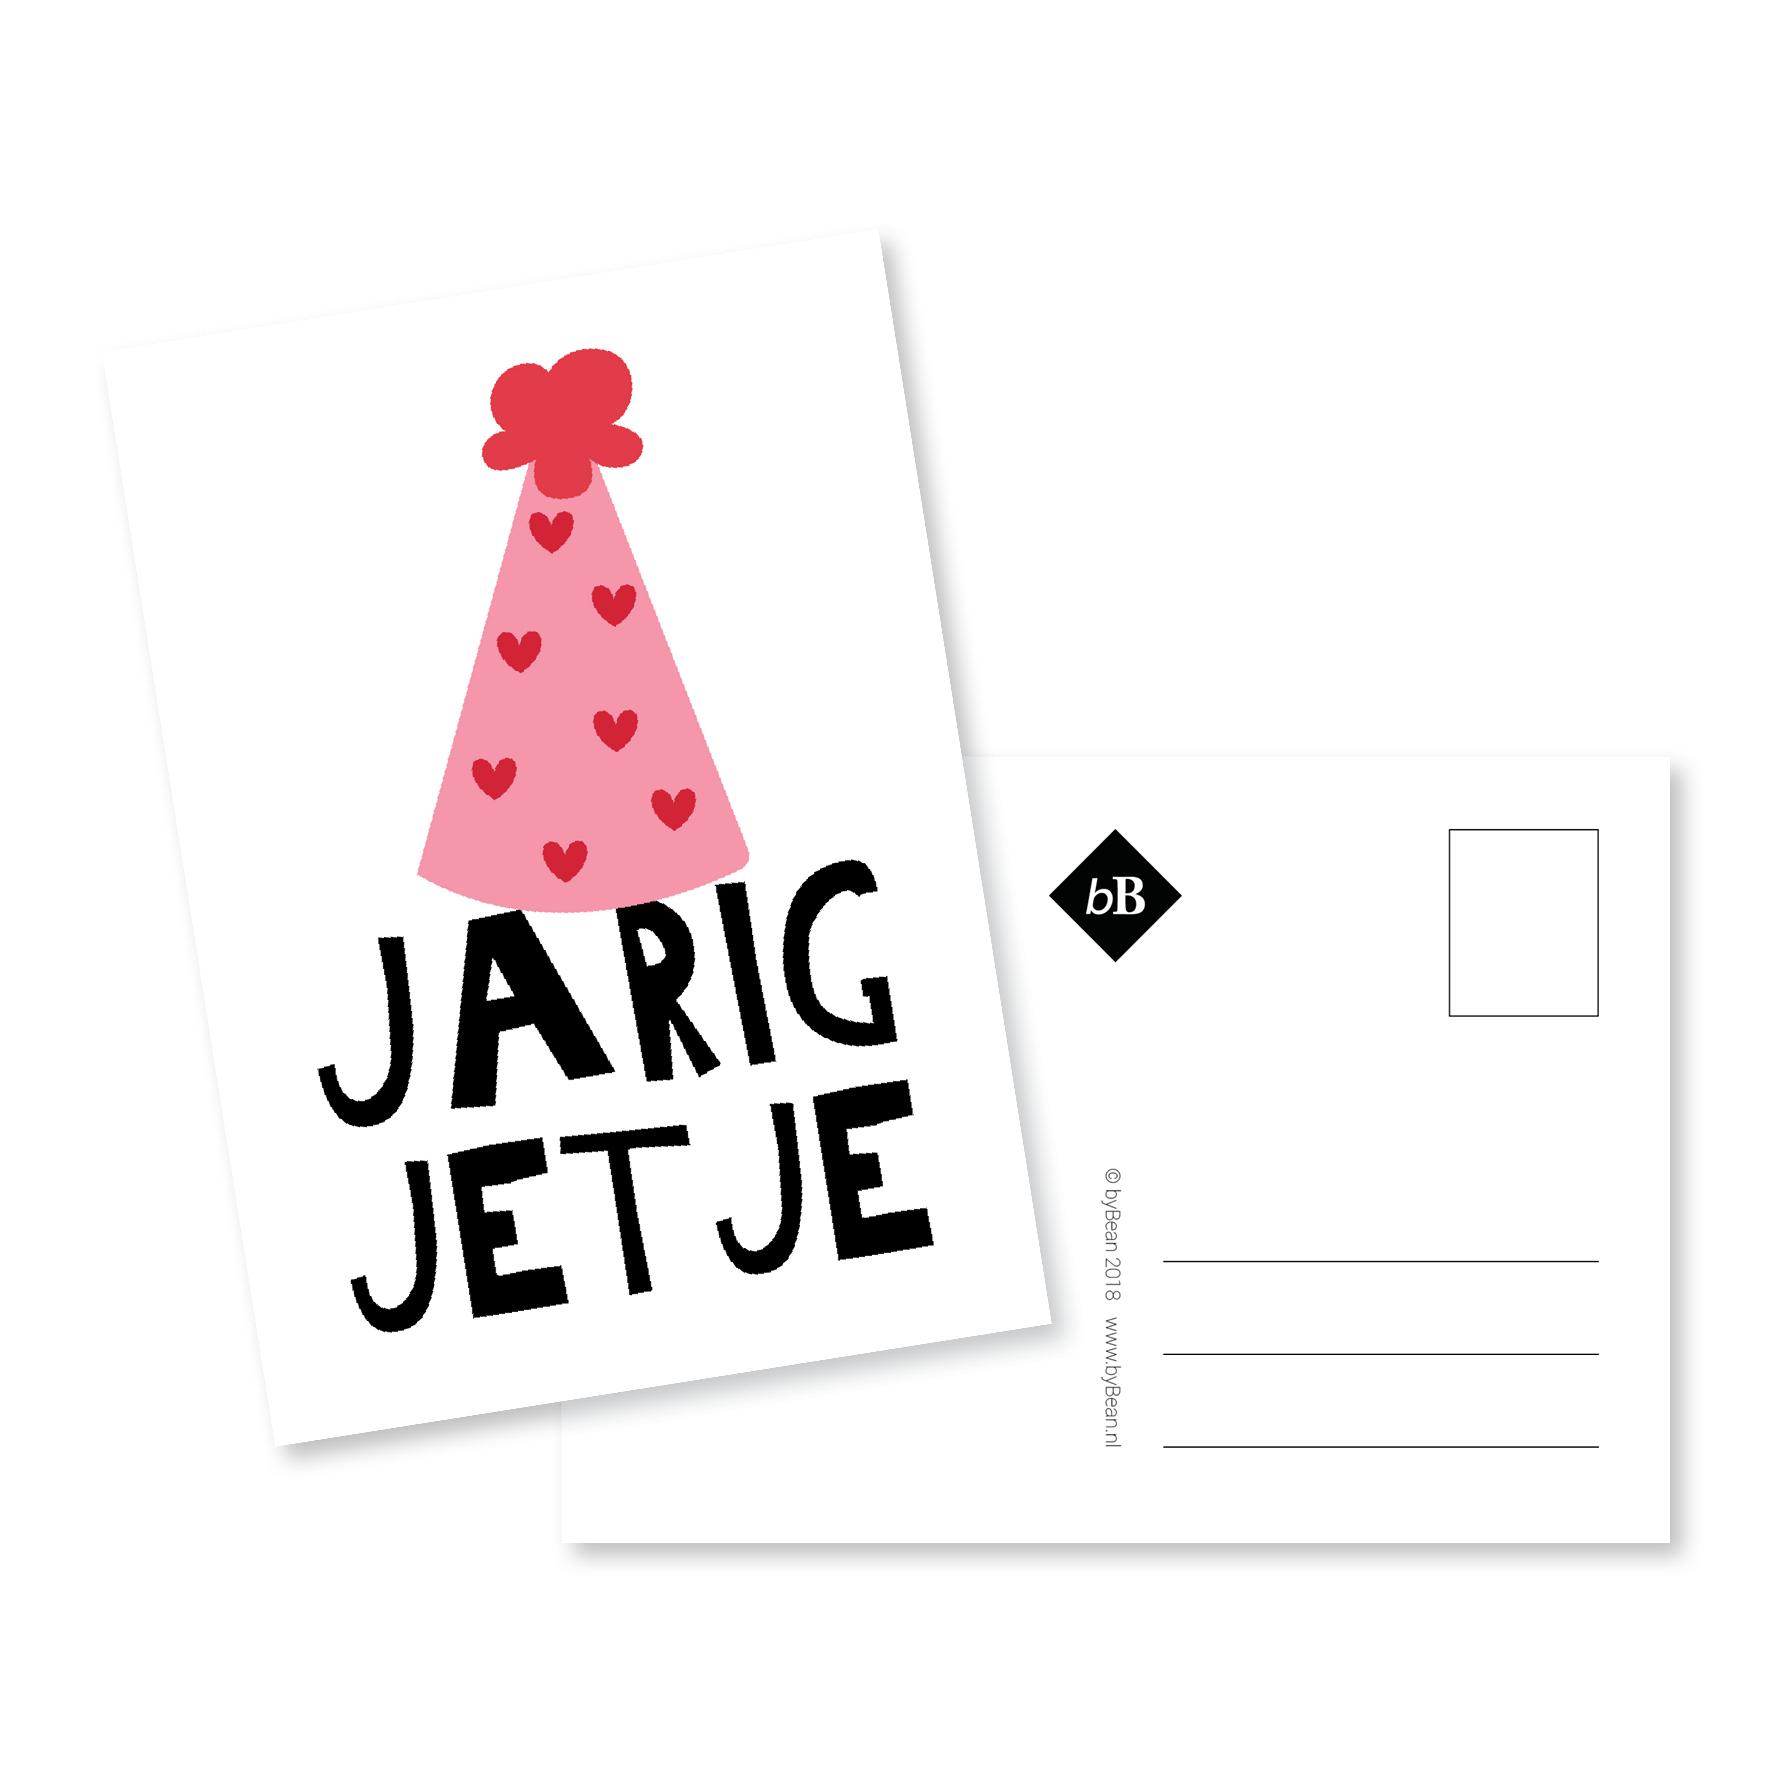 jarig jetje nl Kaartje Jarig jetje   byBean jarig jetje nl